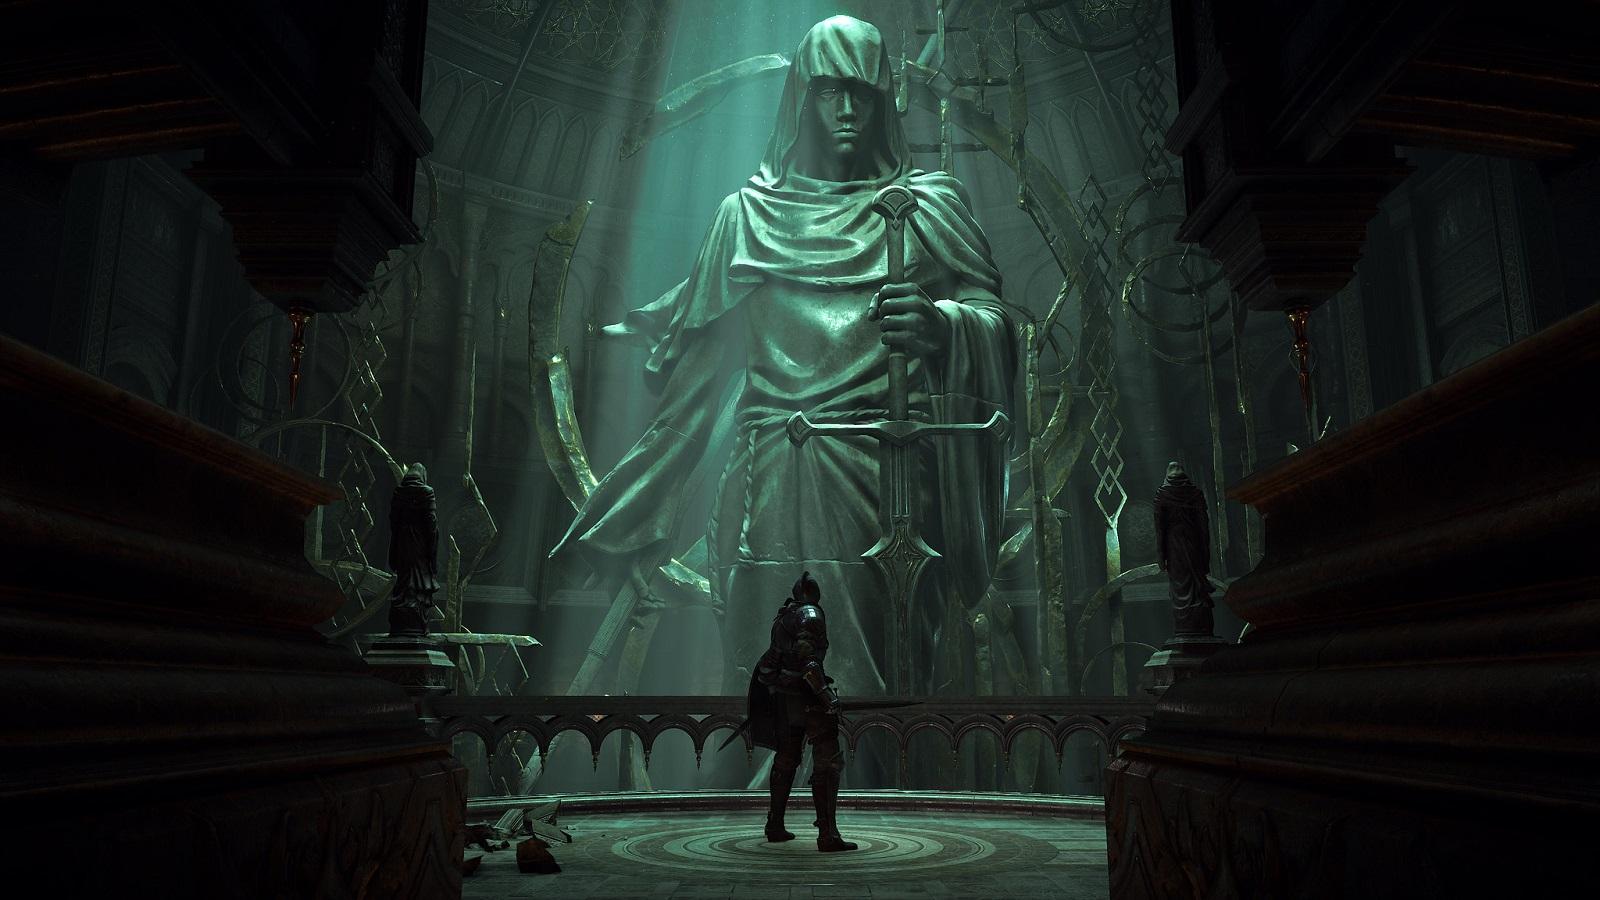 Sony назвала Demon's Souls эксклюзивом PS5, а упоминание ПК и других консолей списала на «человеческую ошибку»